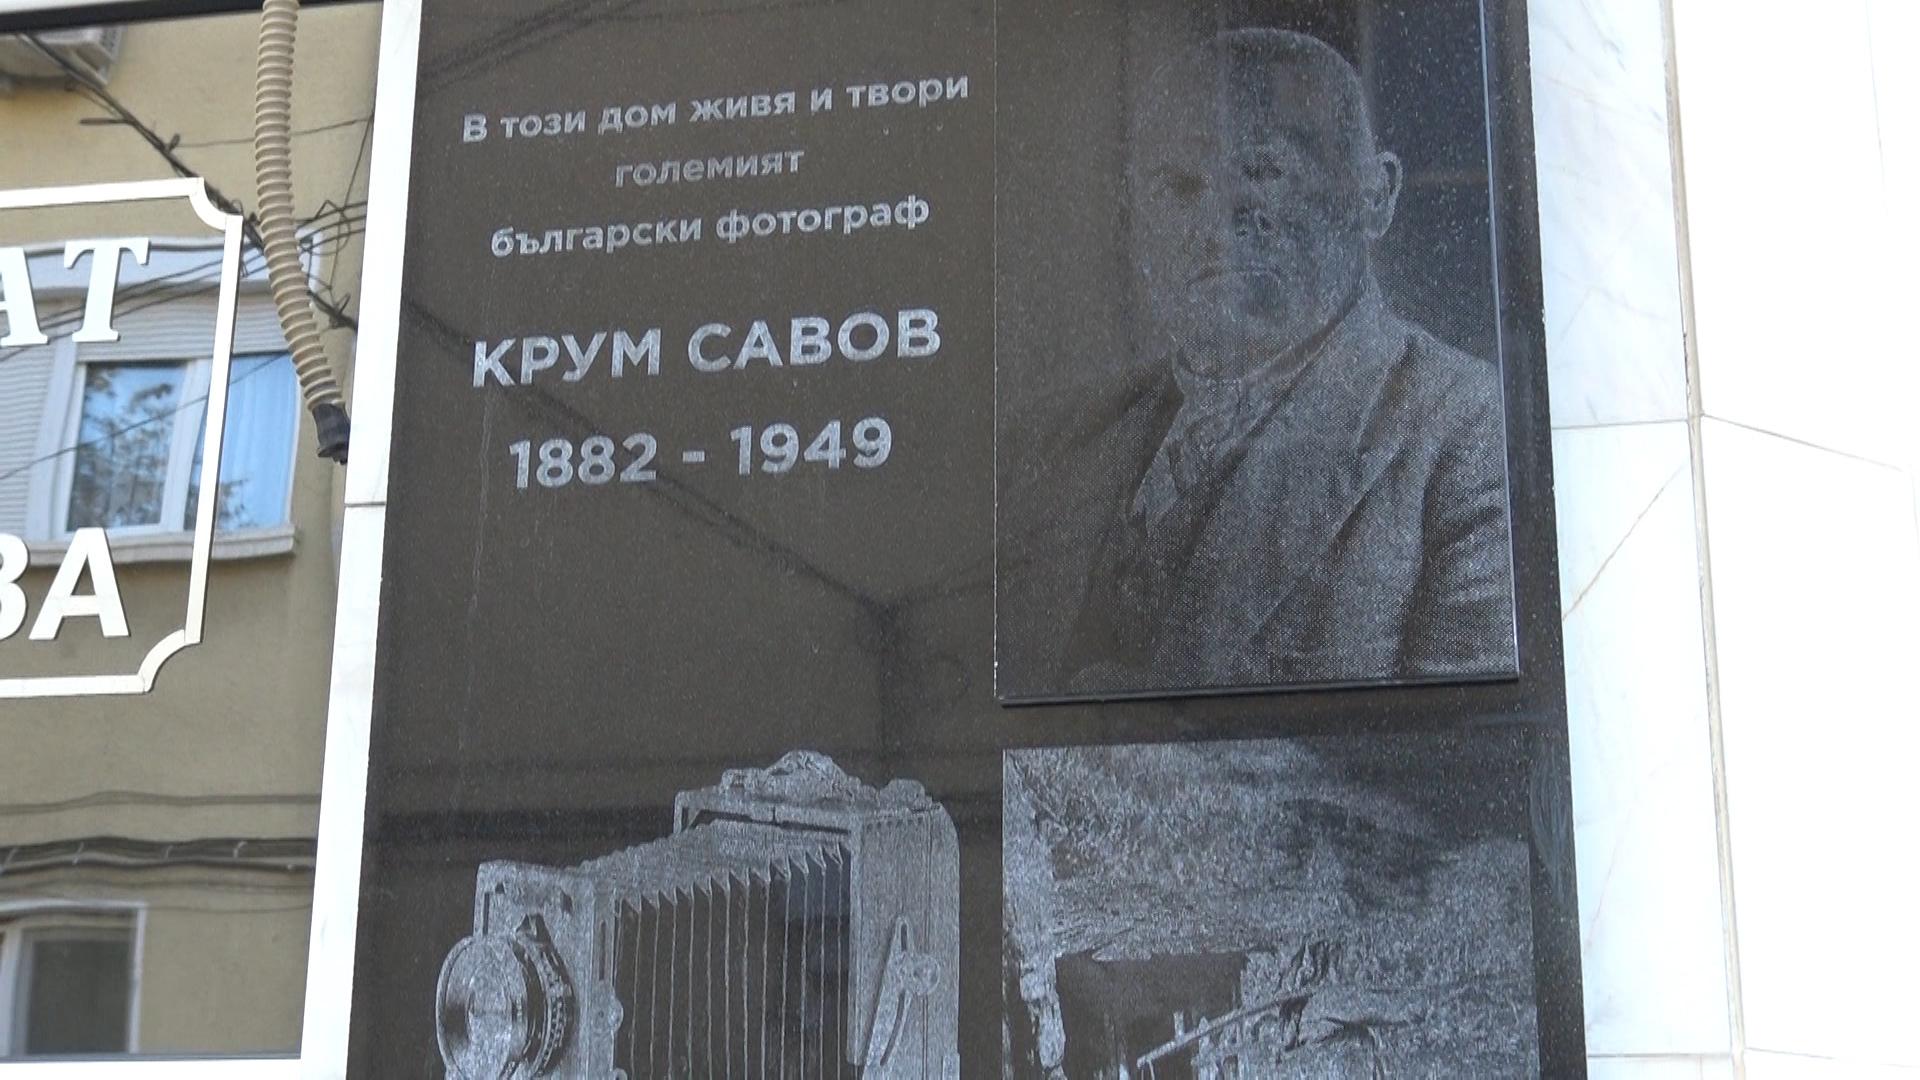 Асеновград е градът, в който е живял до края си- през 1949 година, един от най- големите български фотографи.